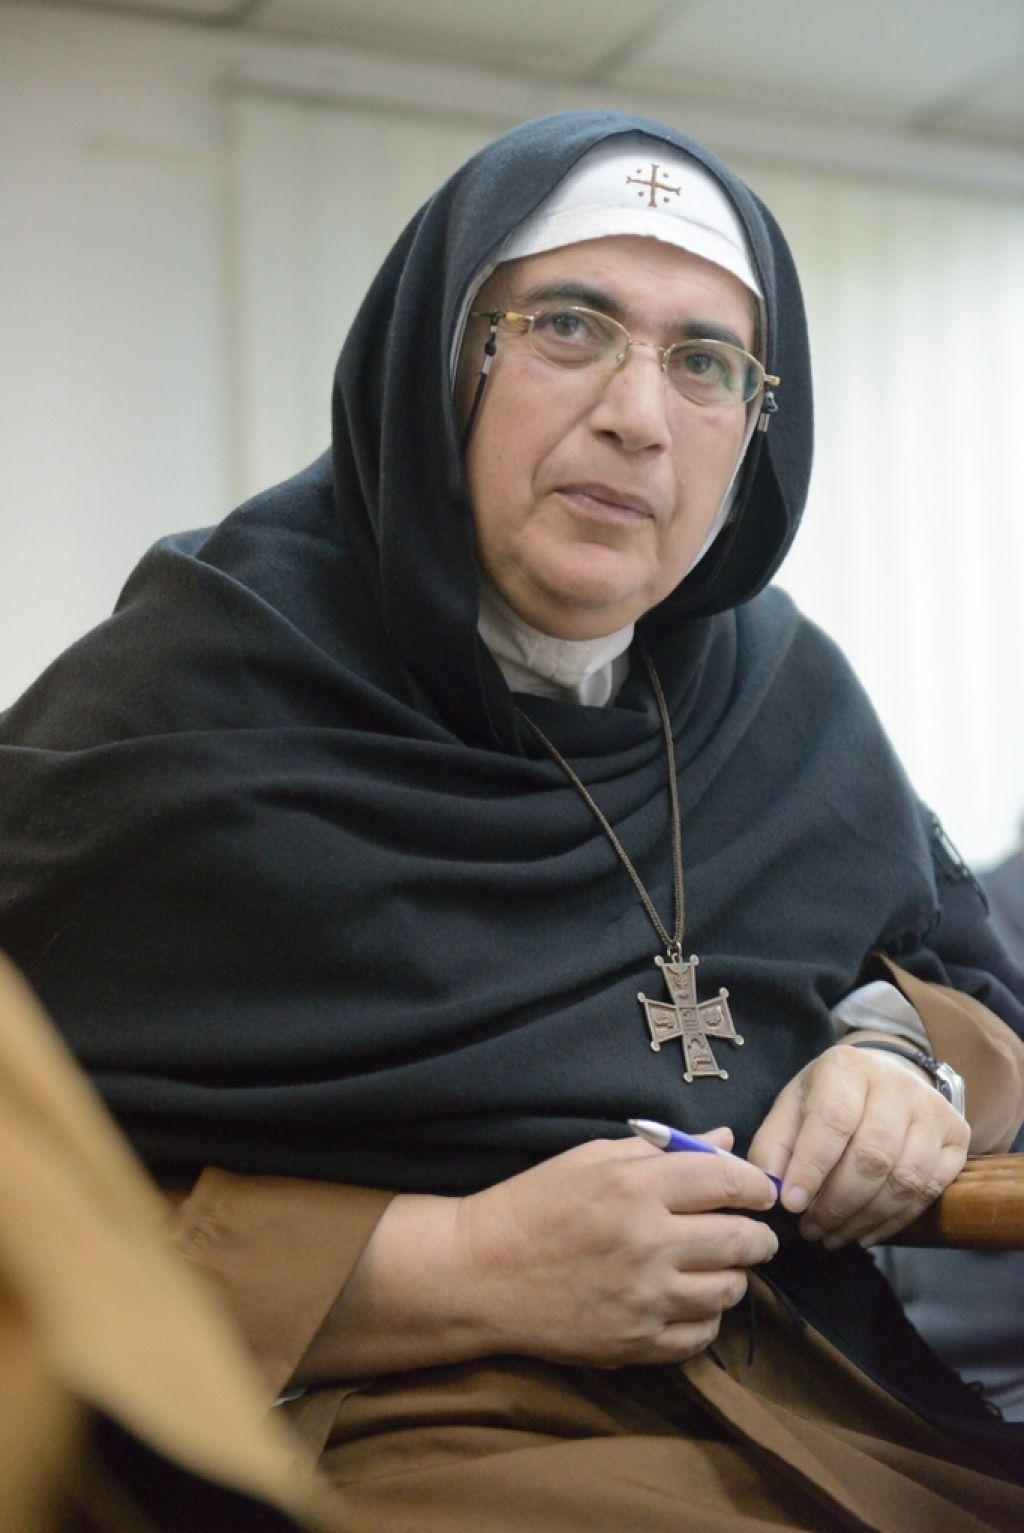 Mati Agnes od Križa: Če bi molčala, bi bila soudeležena v zločinih